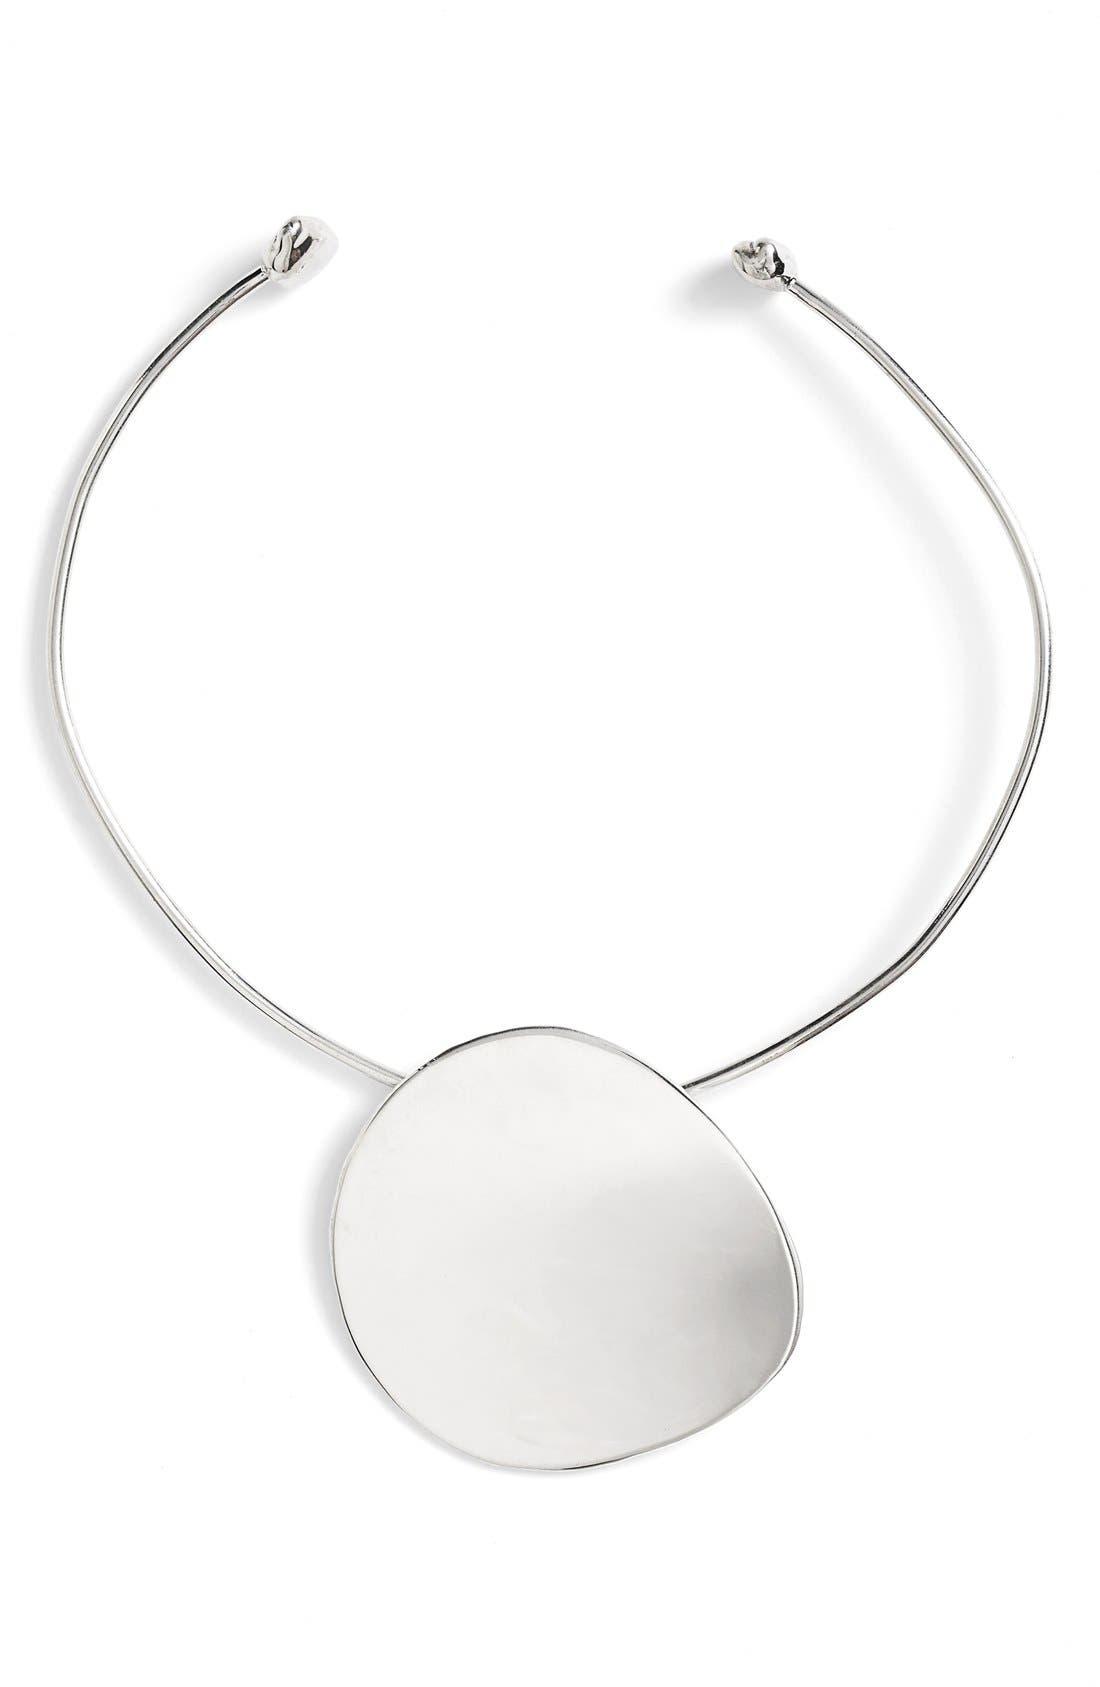 Pendo Collar Necklace,                             Main thumbnail 1, color,                             Silver